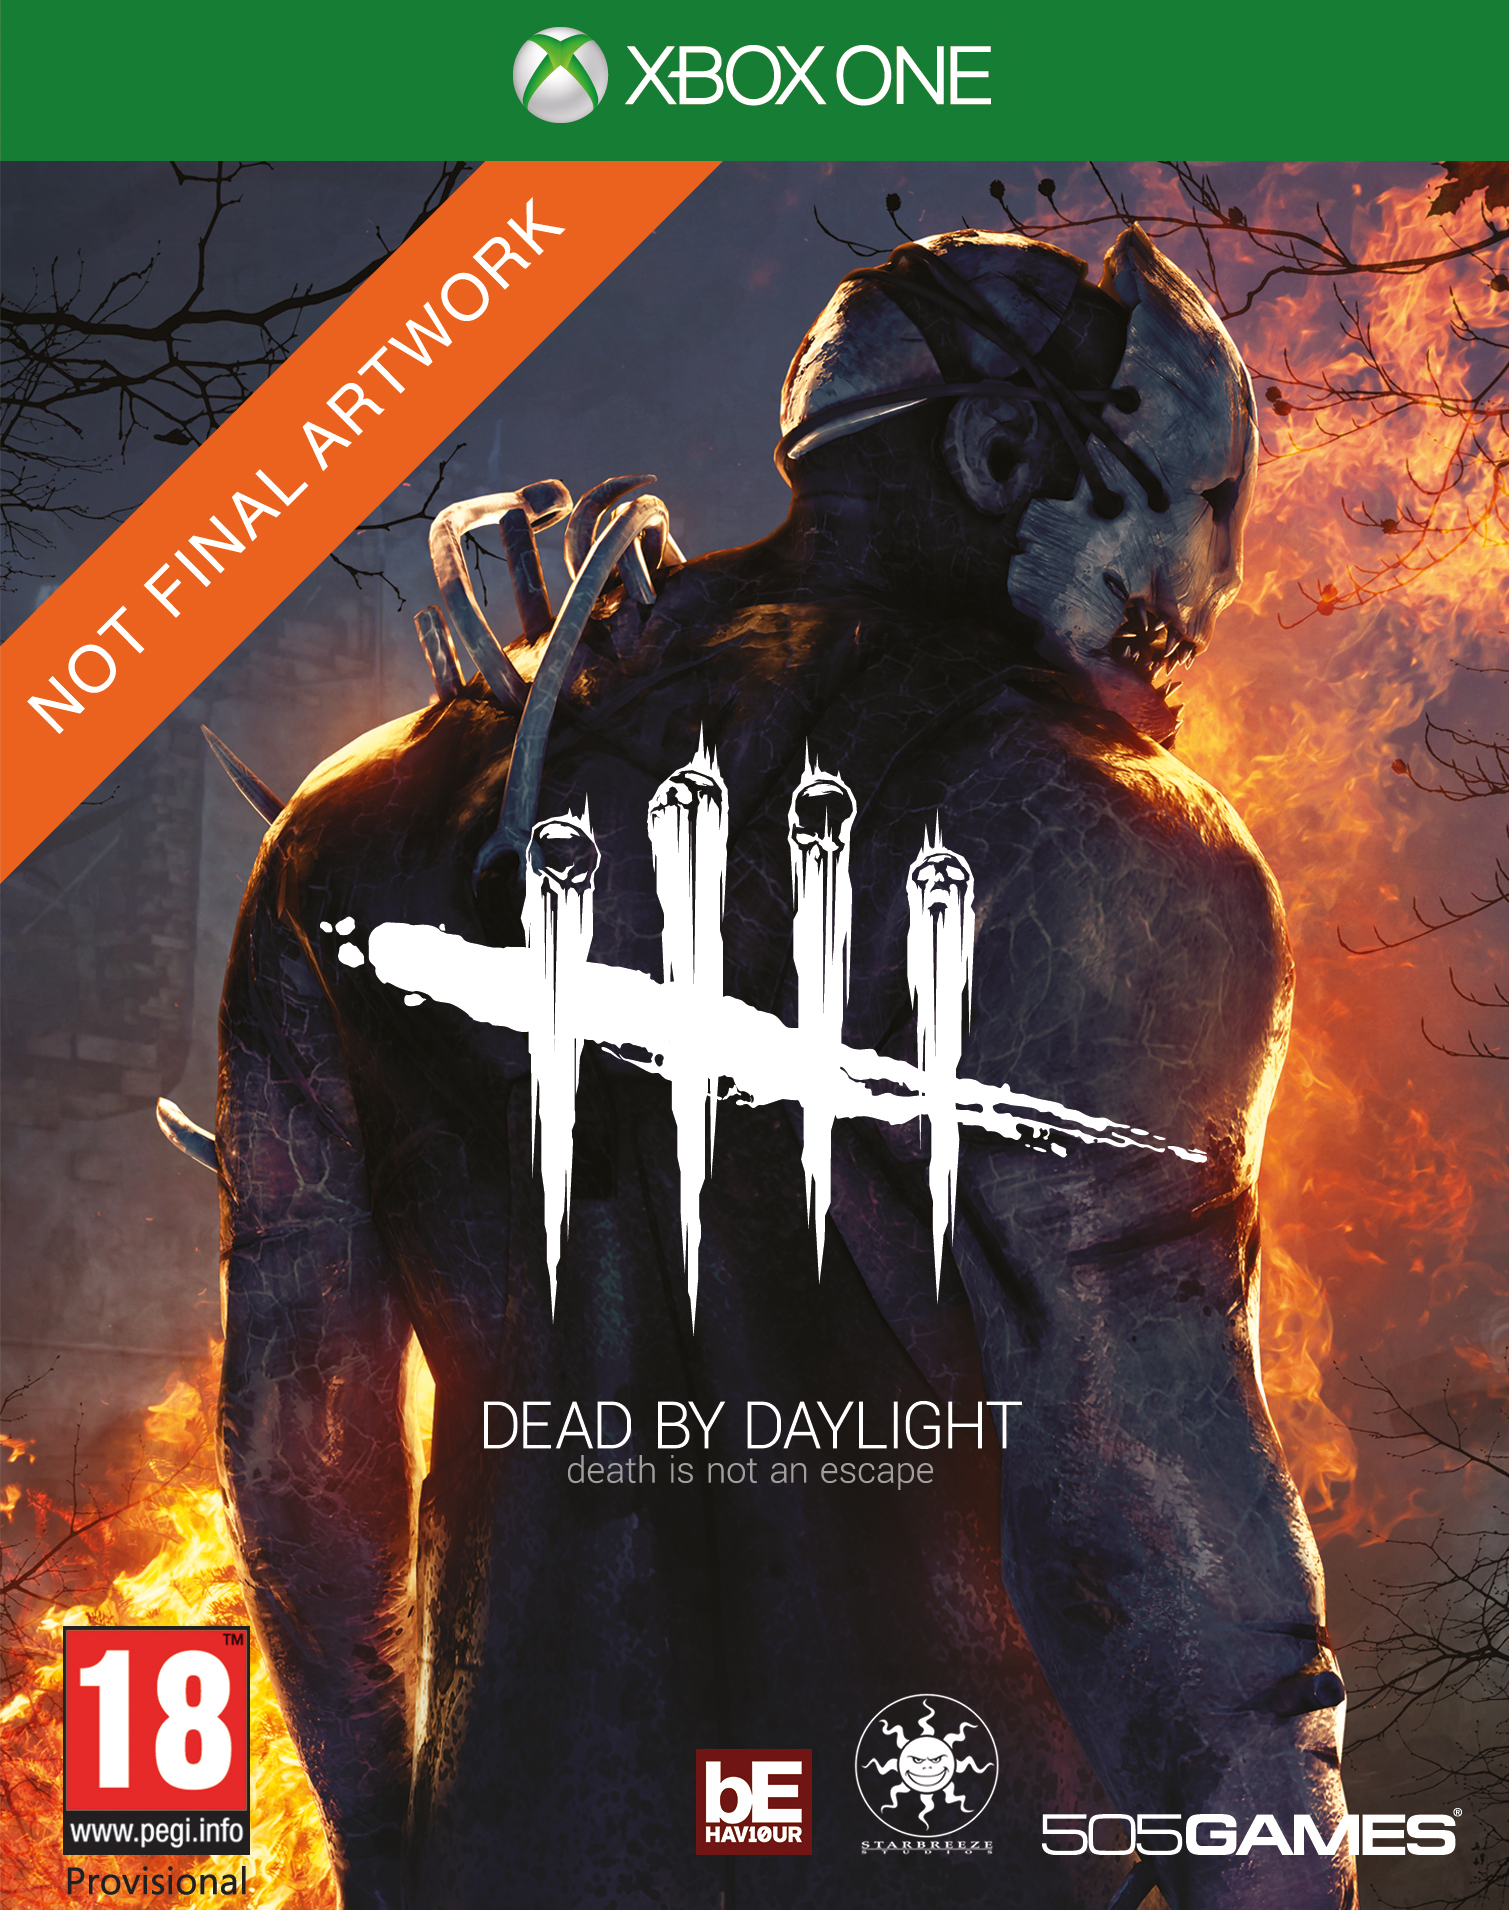 2D XB1 Dead by Daylight PEGI